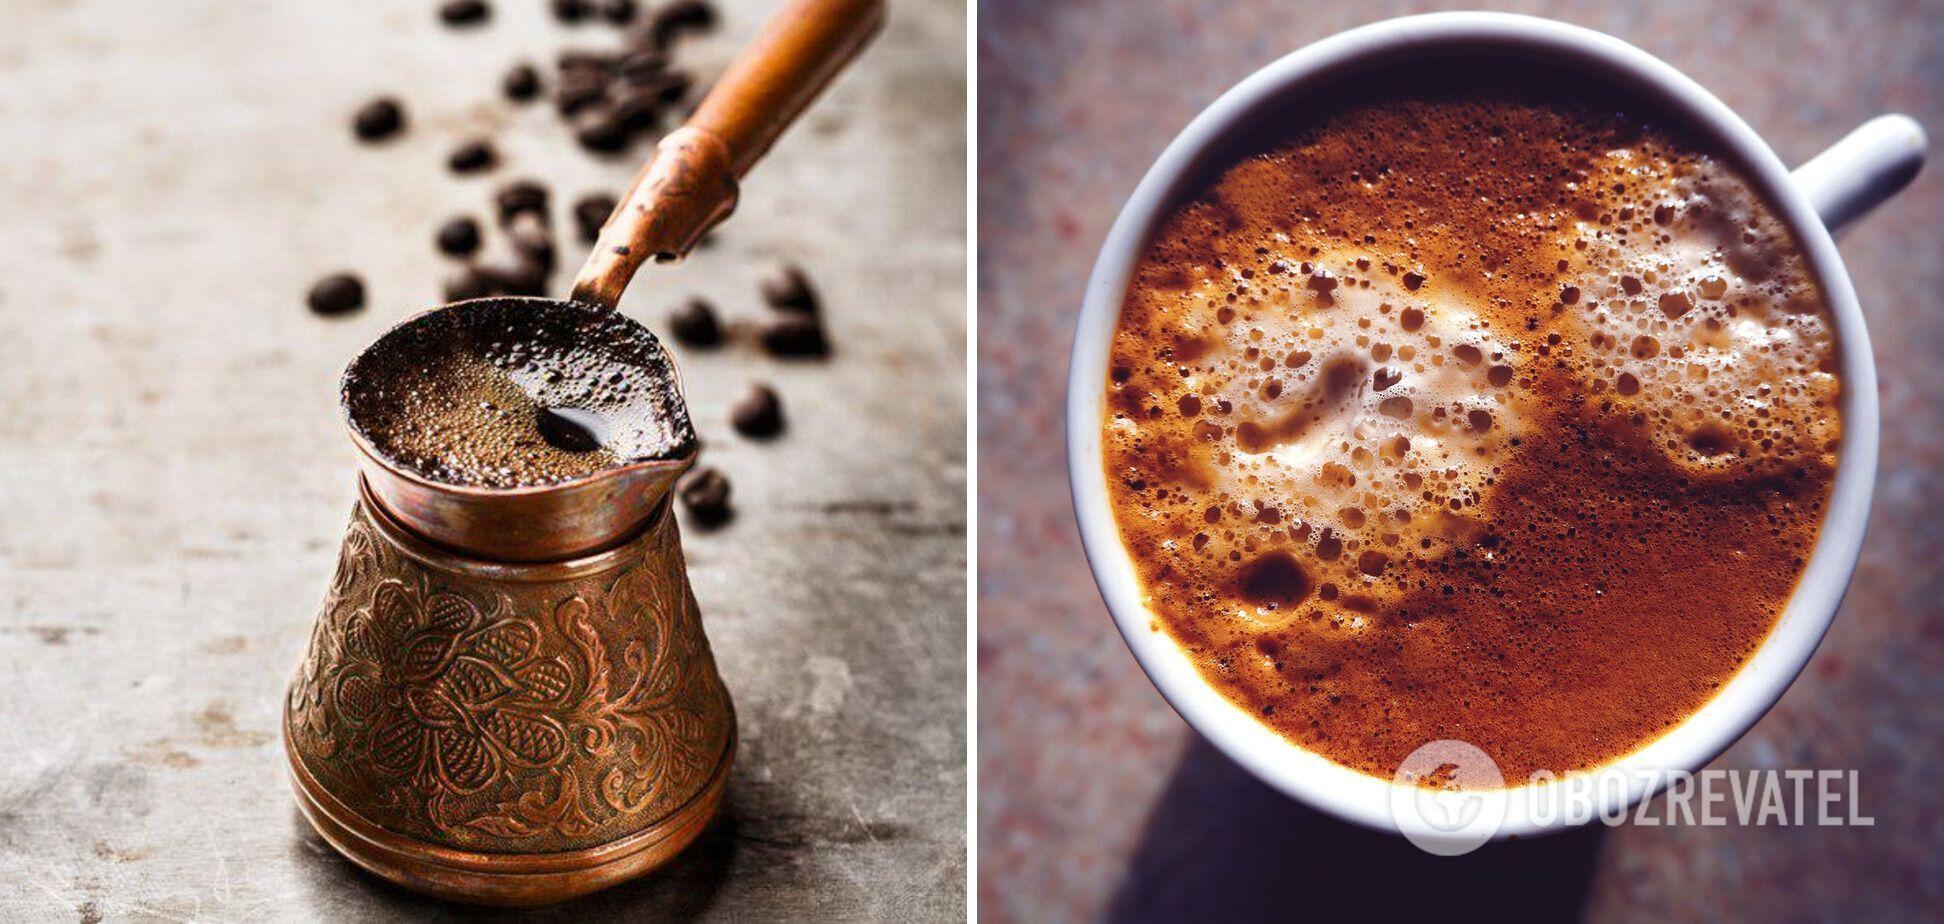 Сваренный в турке кофе